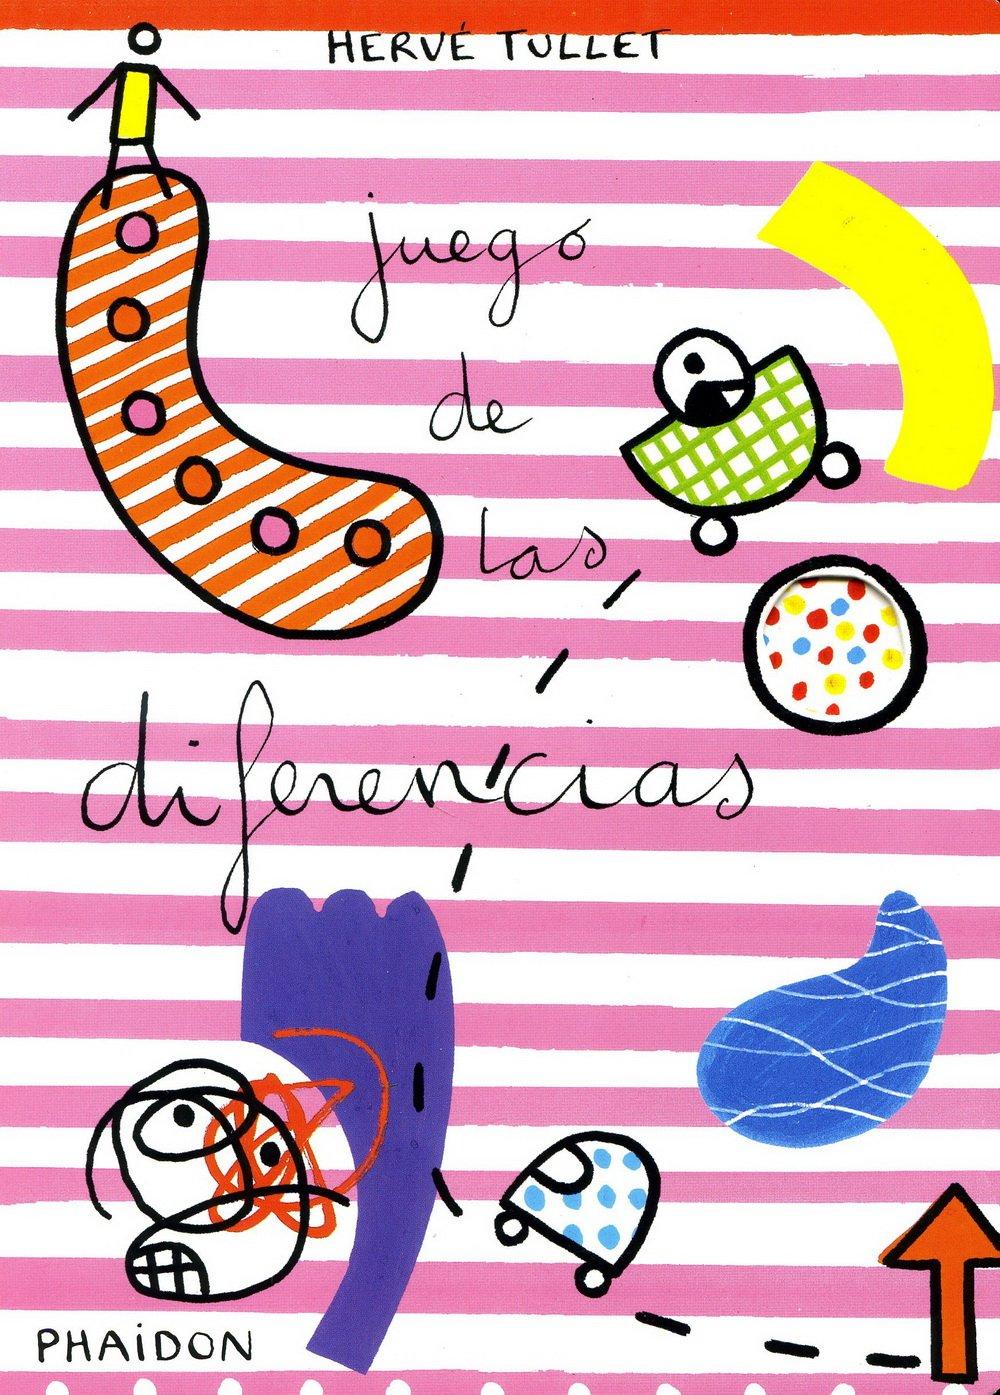 Juego De Las Diferencias (Vamos A Jugar): Amazon.es: Herve Tullet: Libros